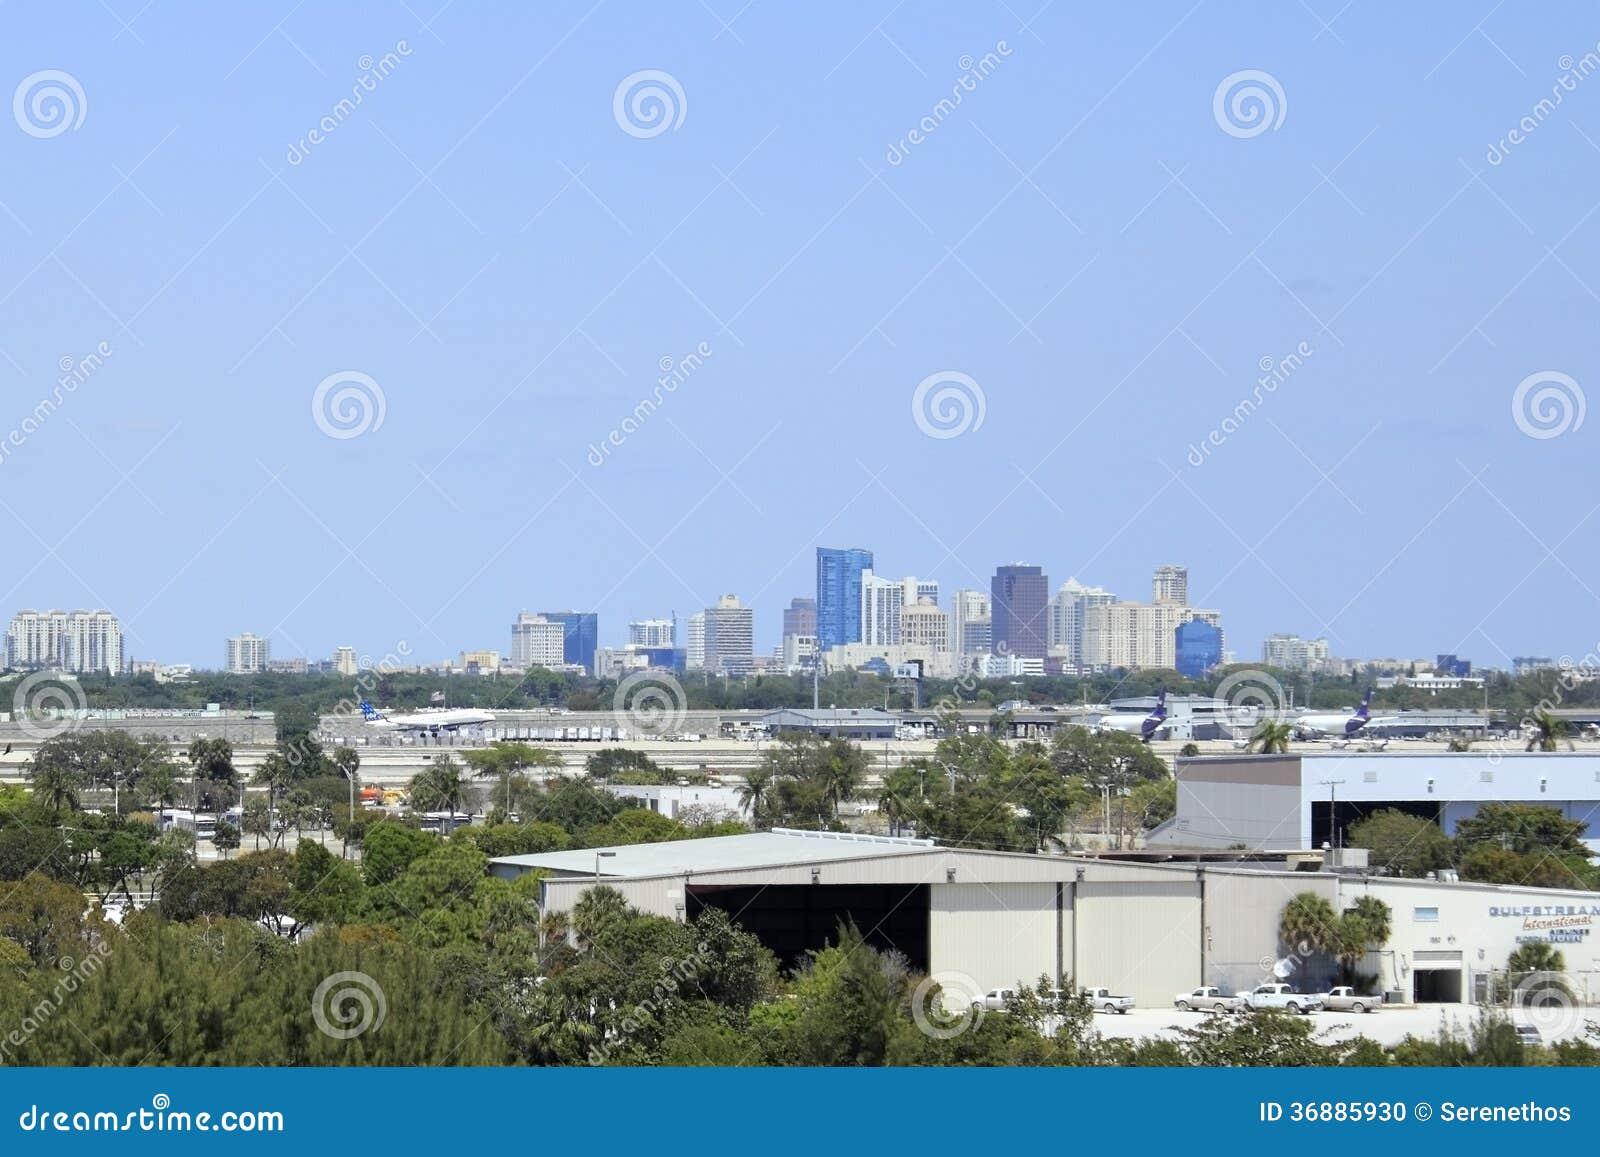 Download Aeroporto Davanti Al Ft Del Centro Lauderdale Immagine Editoriale - Immagine di front, movimento: 36885930